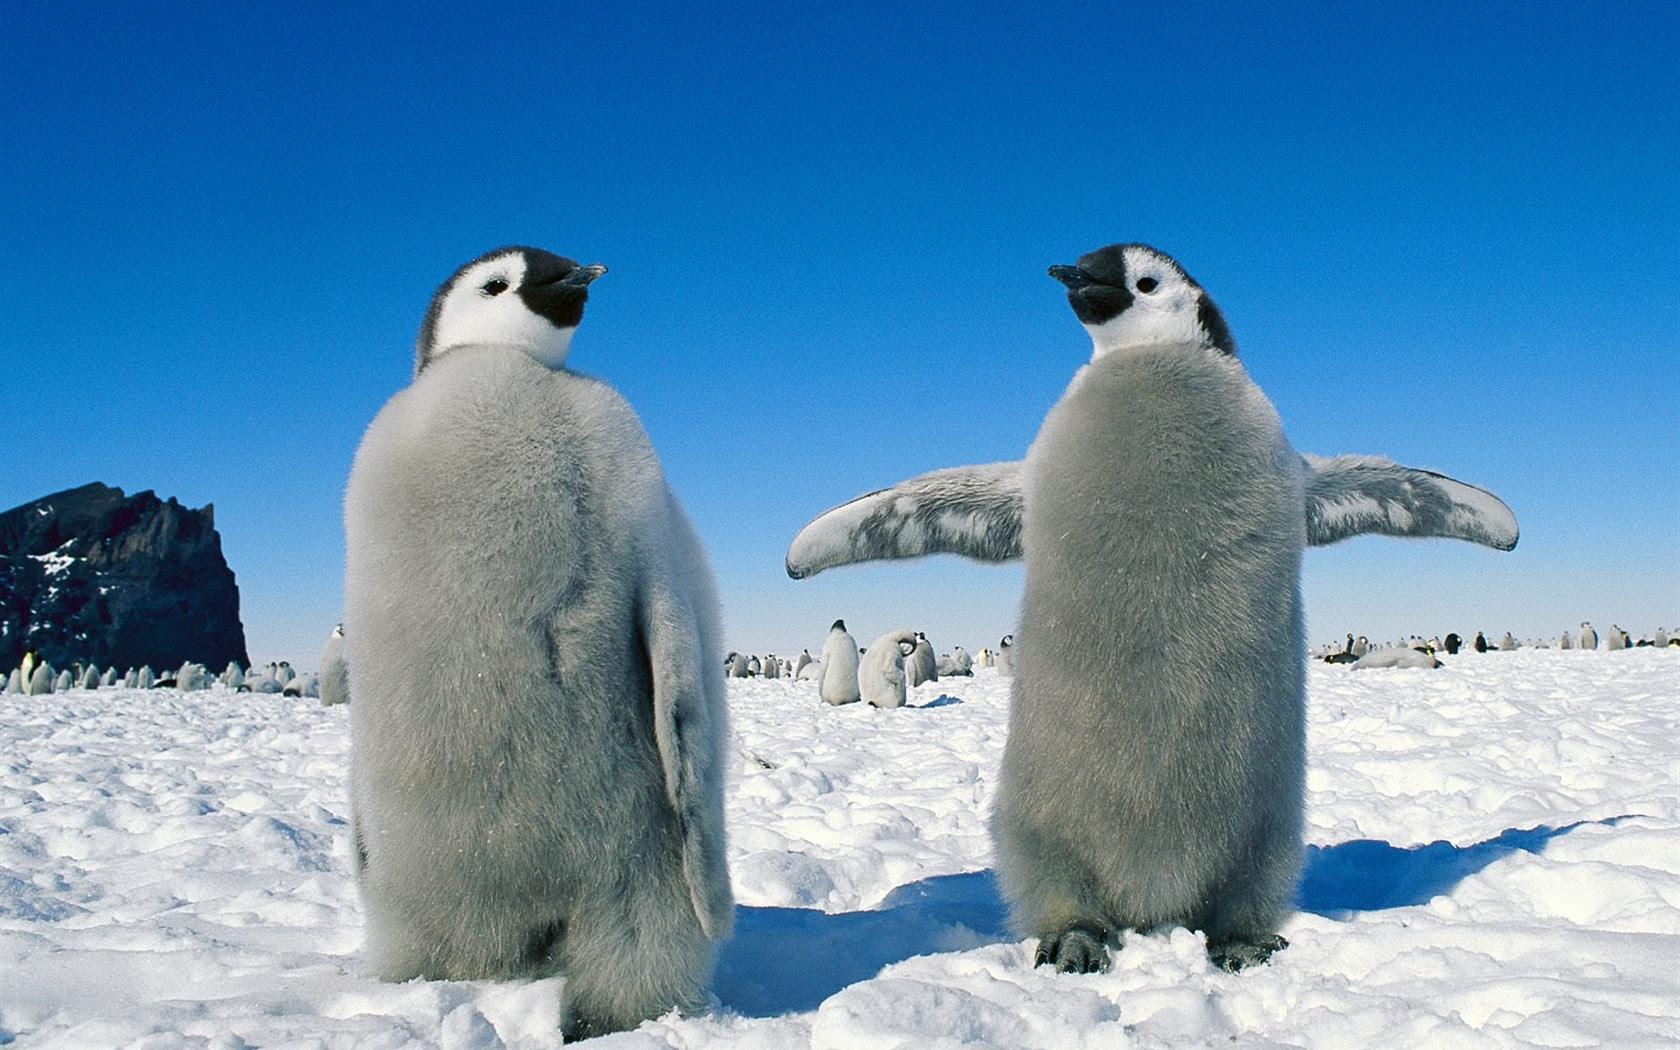 ペンギン写真の壁紙 6 1680x1050 壁紙ダウンロード ペンギン写真